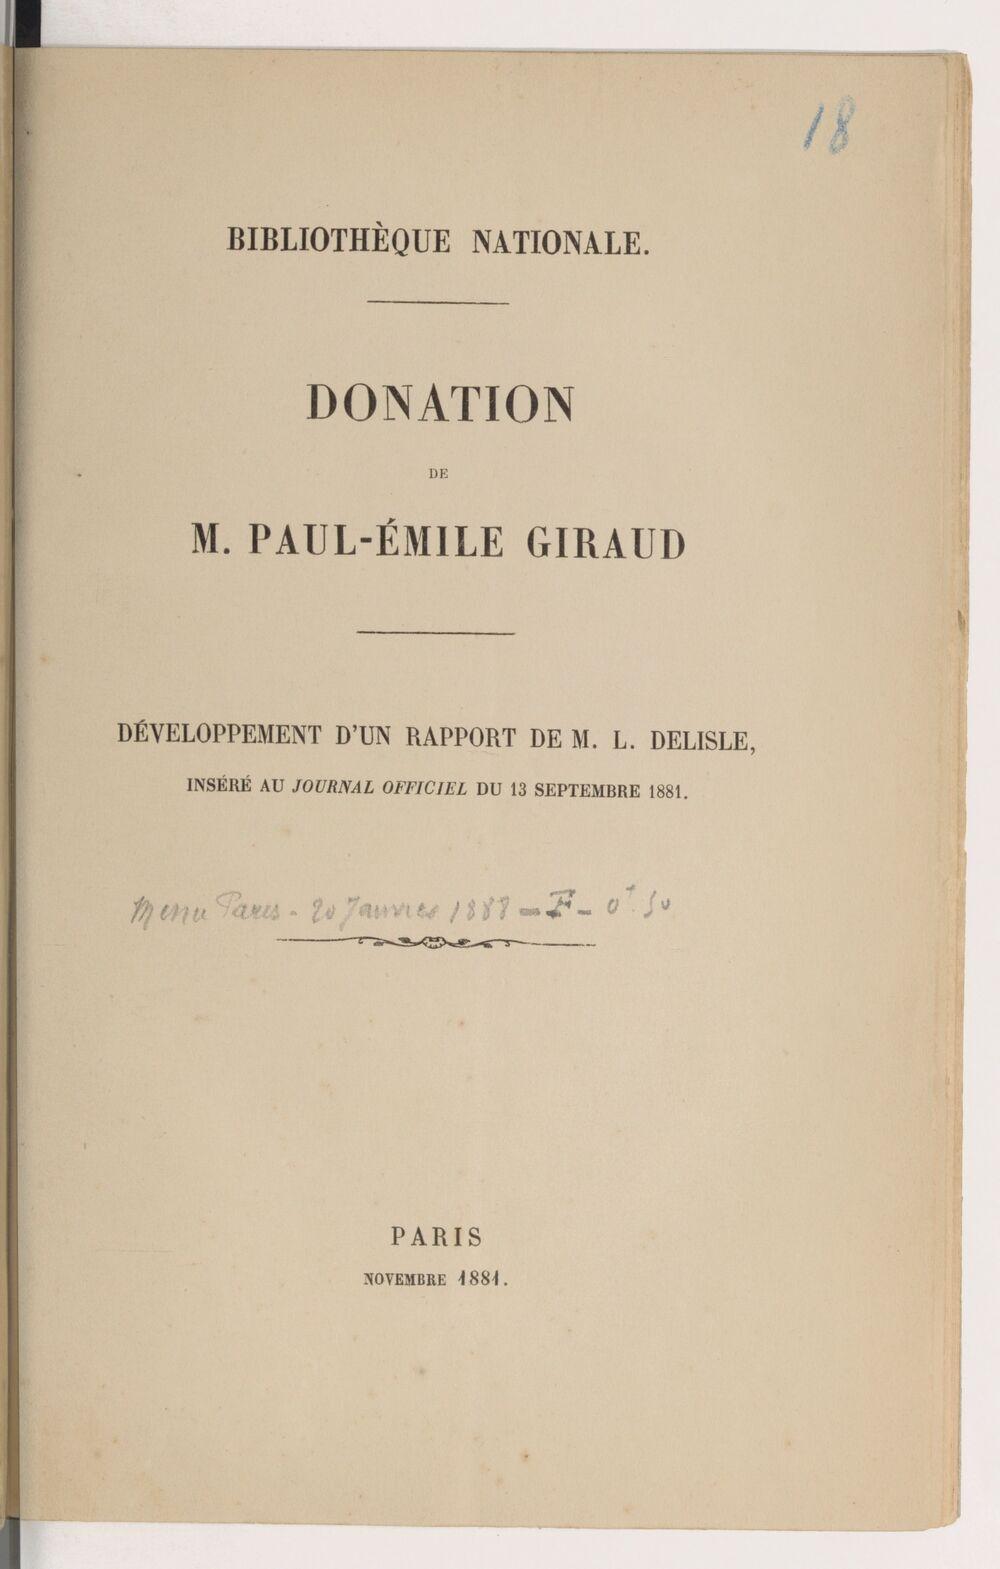 Donation de M. Paul-Émile Giraud, développement d'un rapport de M. L. Delisle inséré au